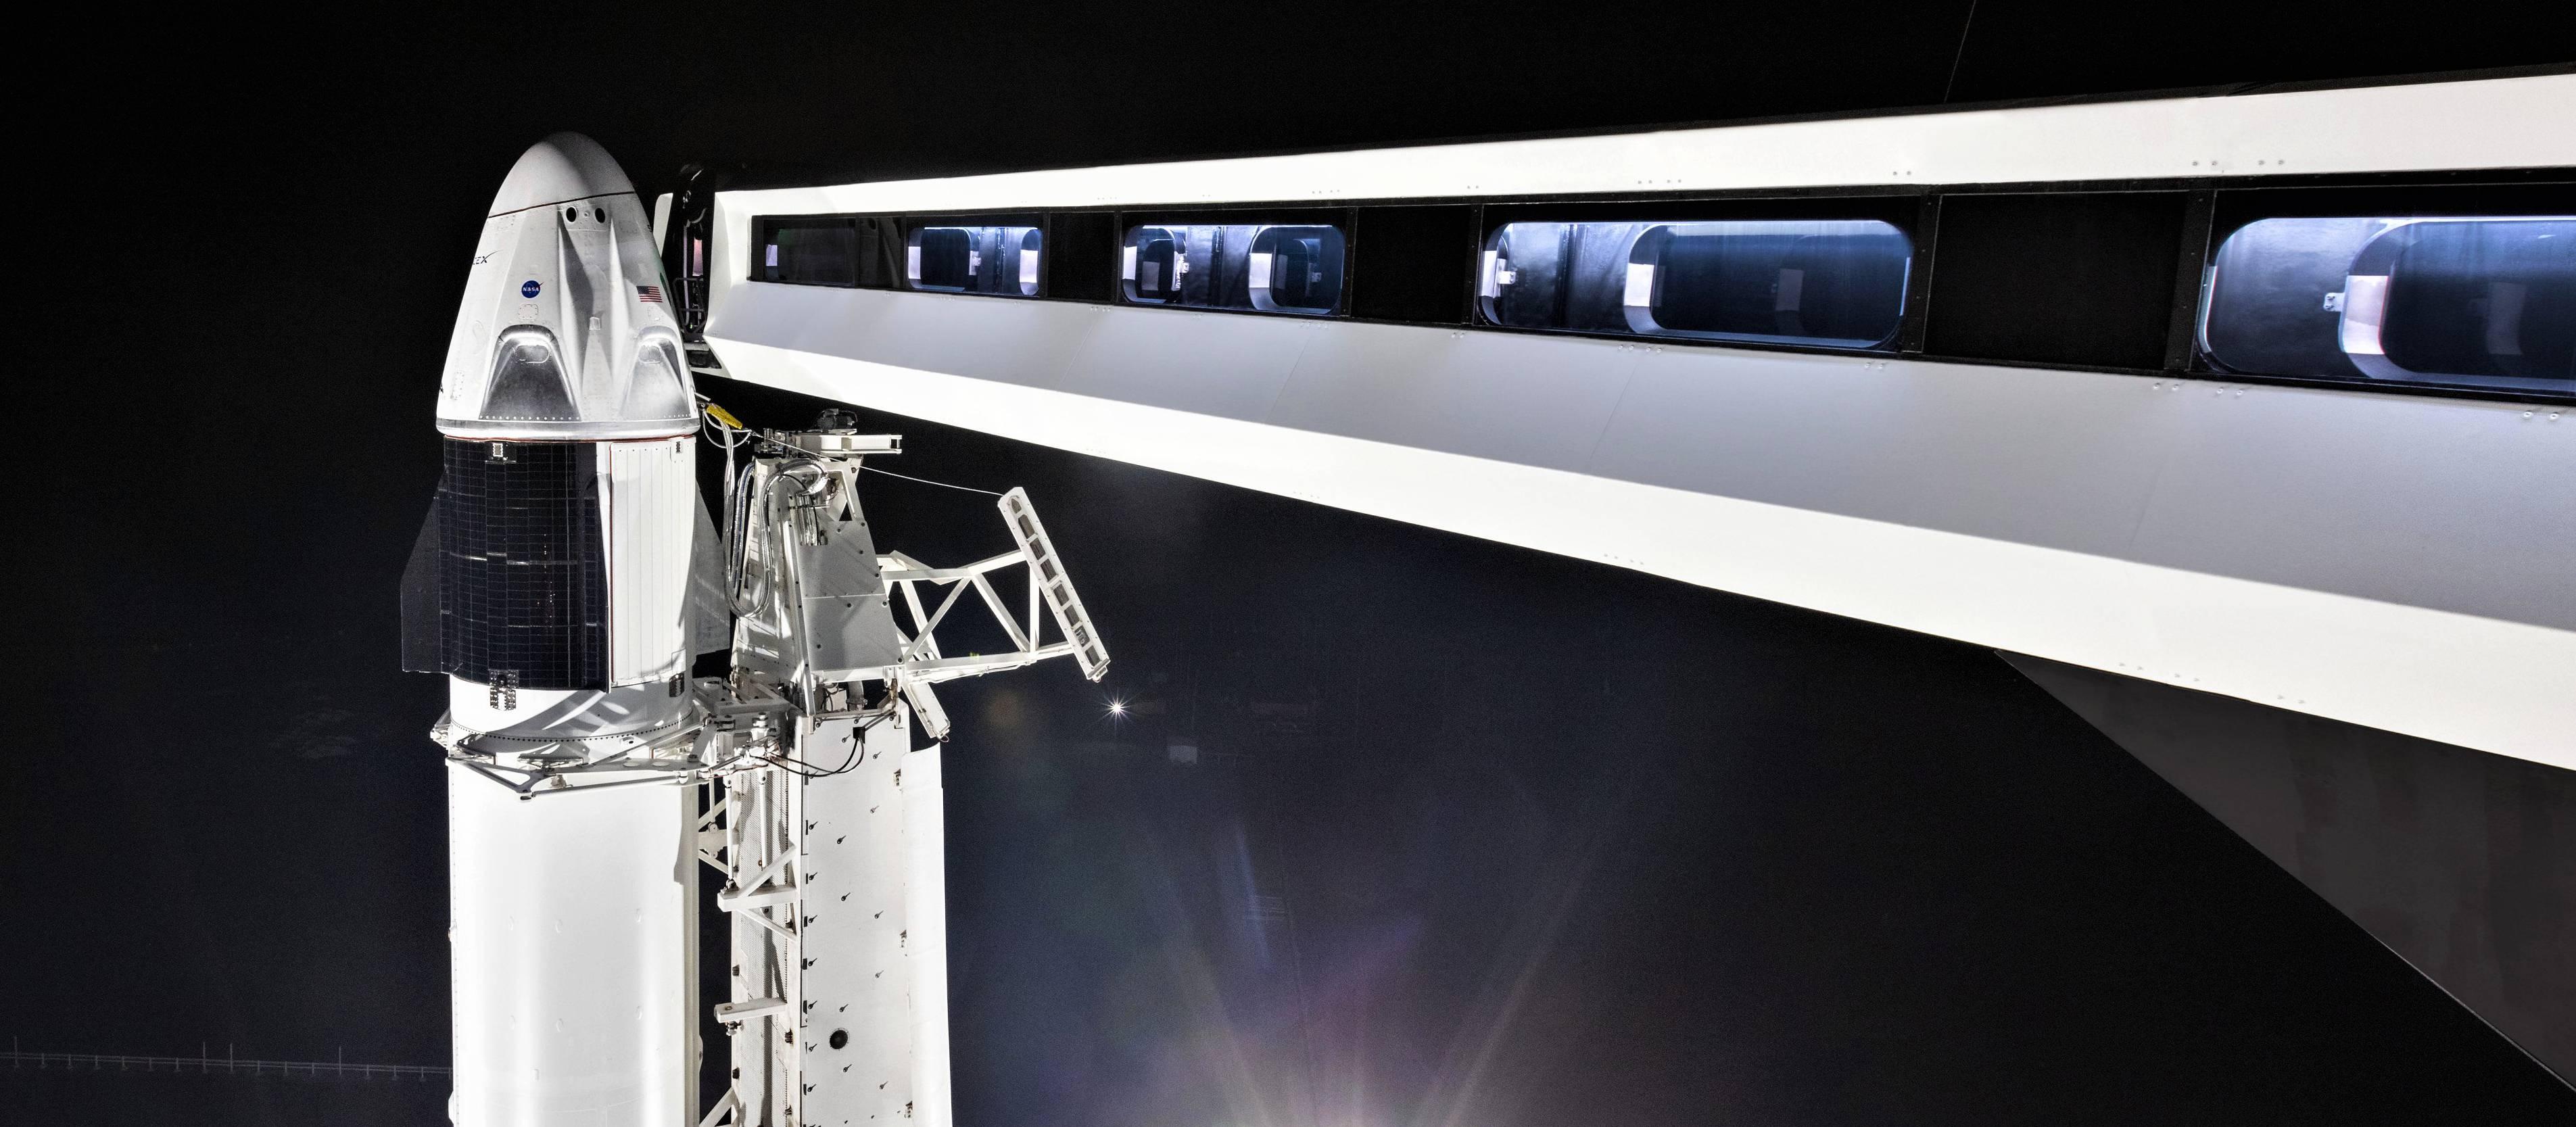 Crew Dragon DM-1 Falcon 9 B1051 rollout (SpaceX) 4(c)